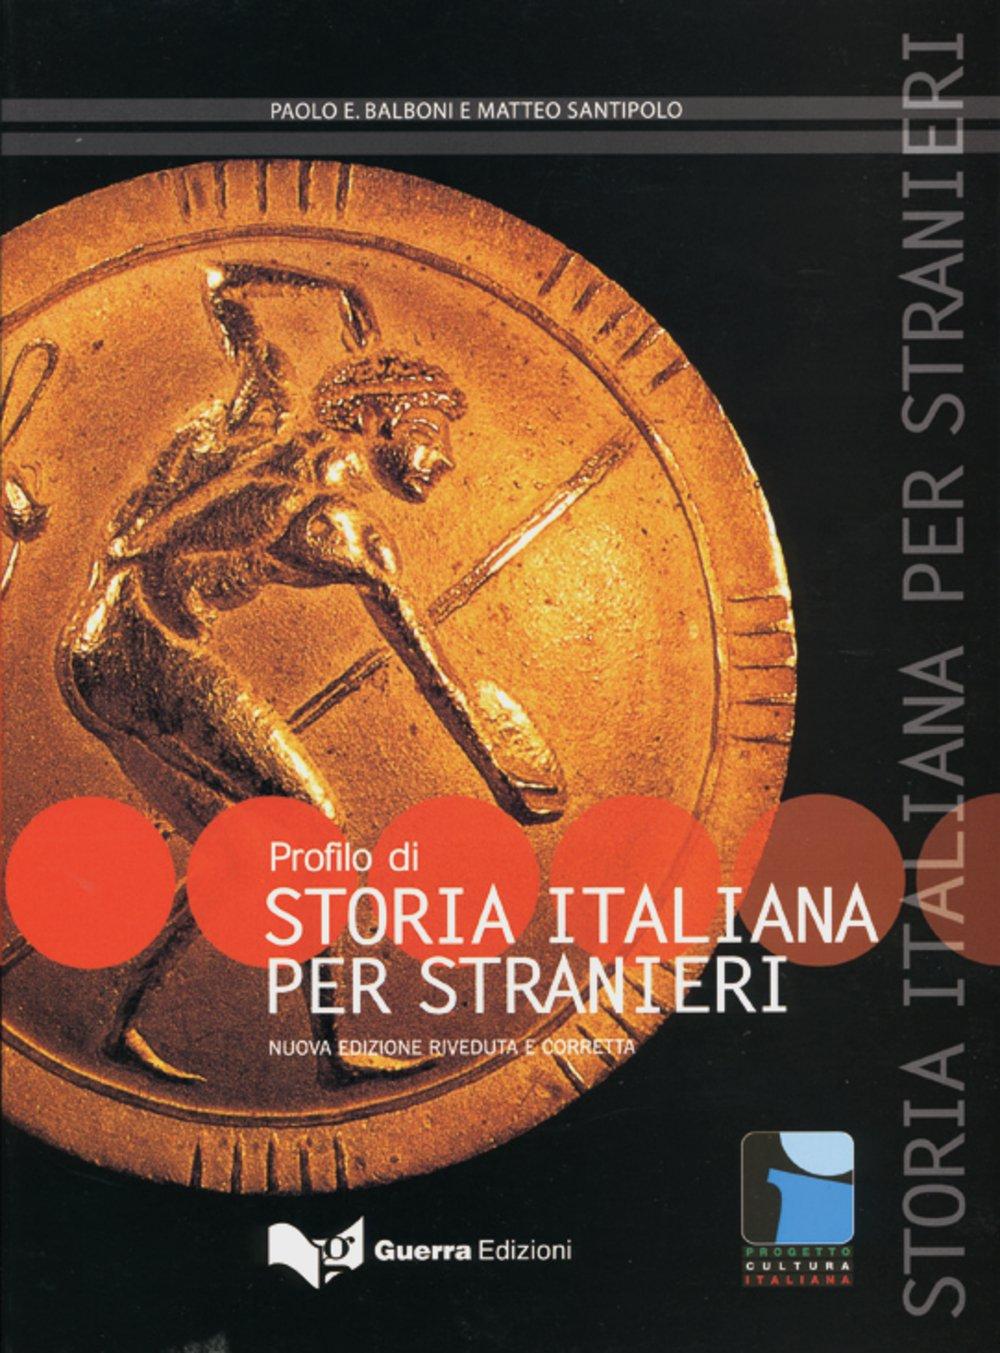 Profilo di storia italiana per stranieri